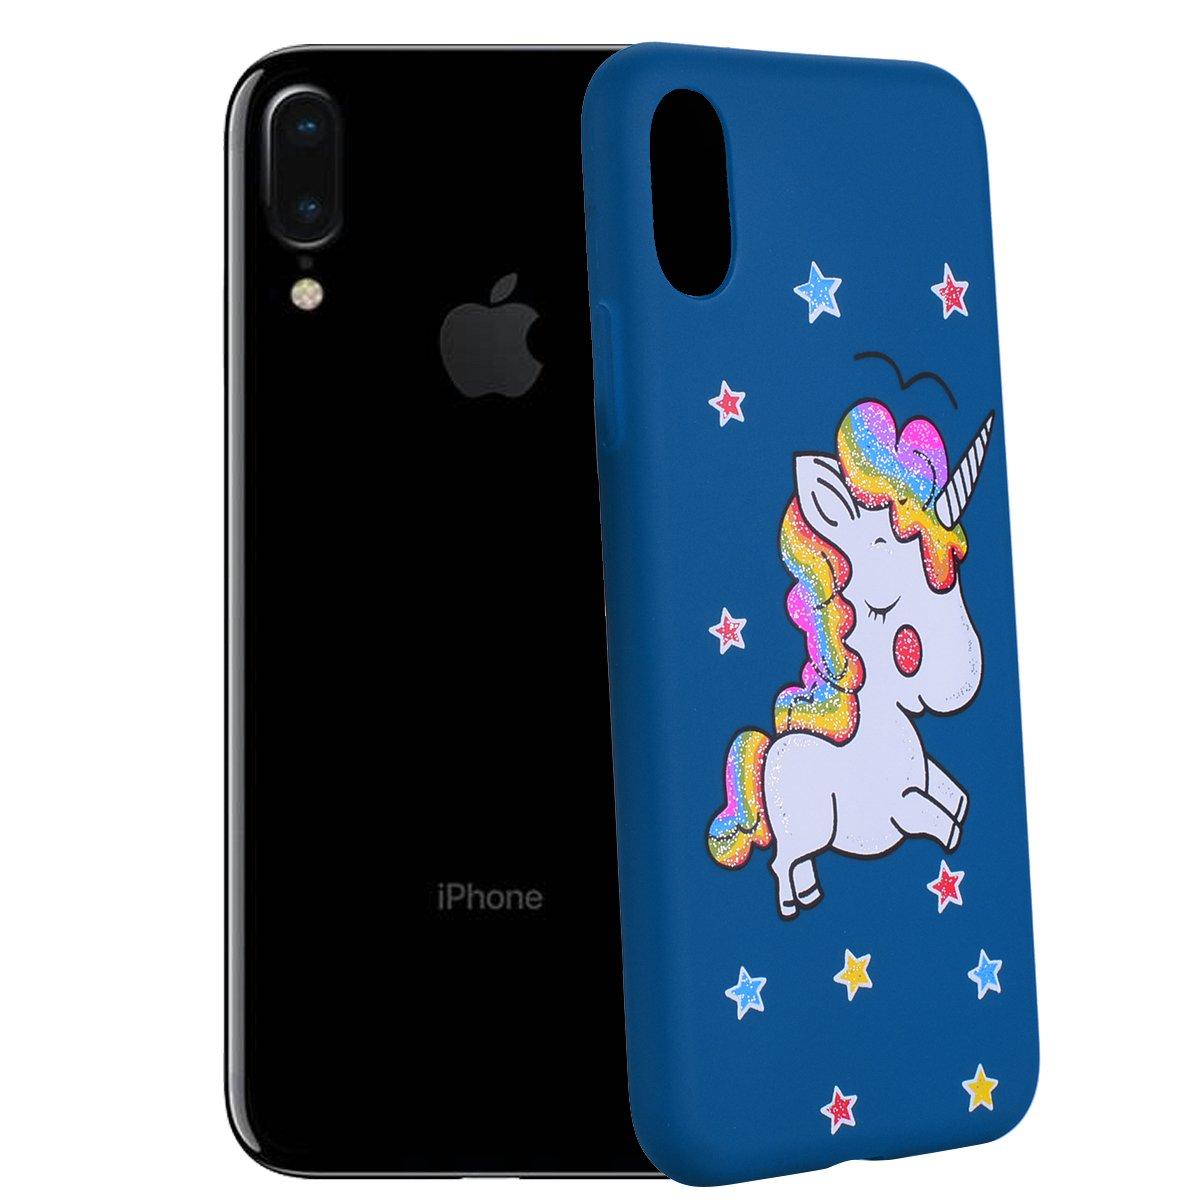 Coque Souple en Silicone Flexible Coque Antichoc 5.5  Pouce Bleu Ticase Licorne Animal Etui pour iPhone 6 Plus // 6S Plus